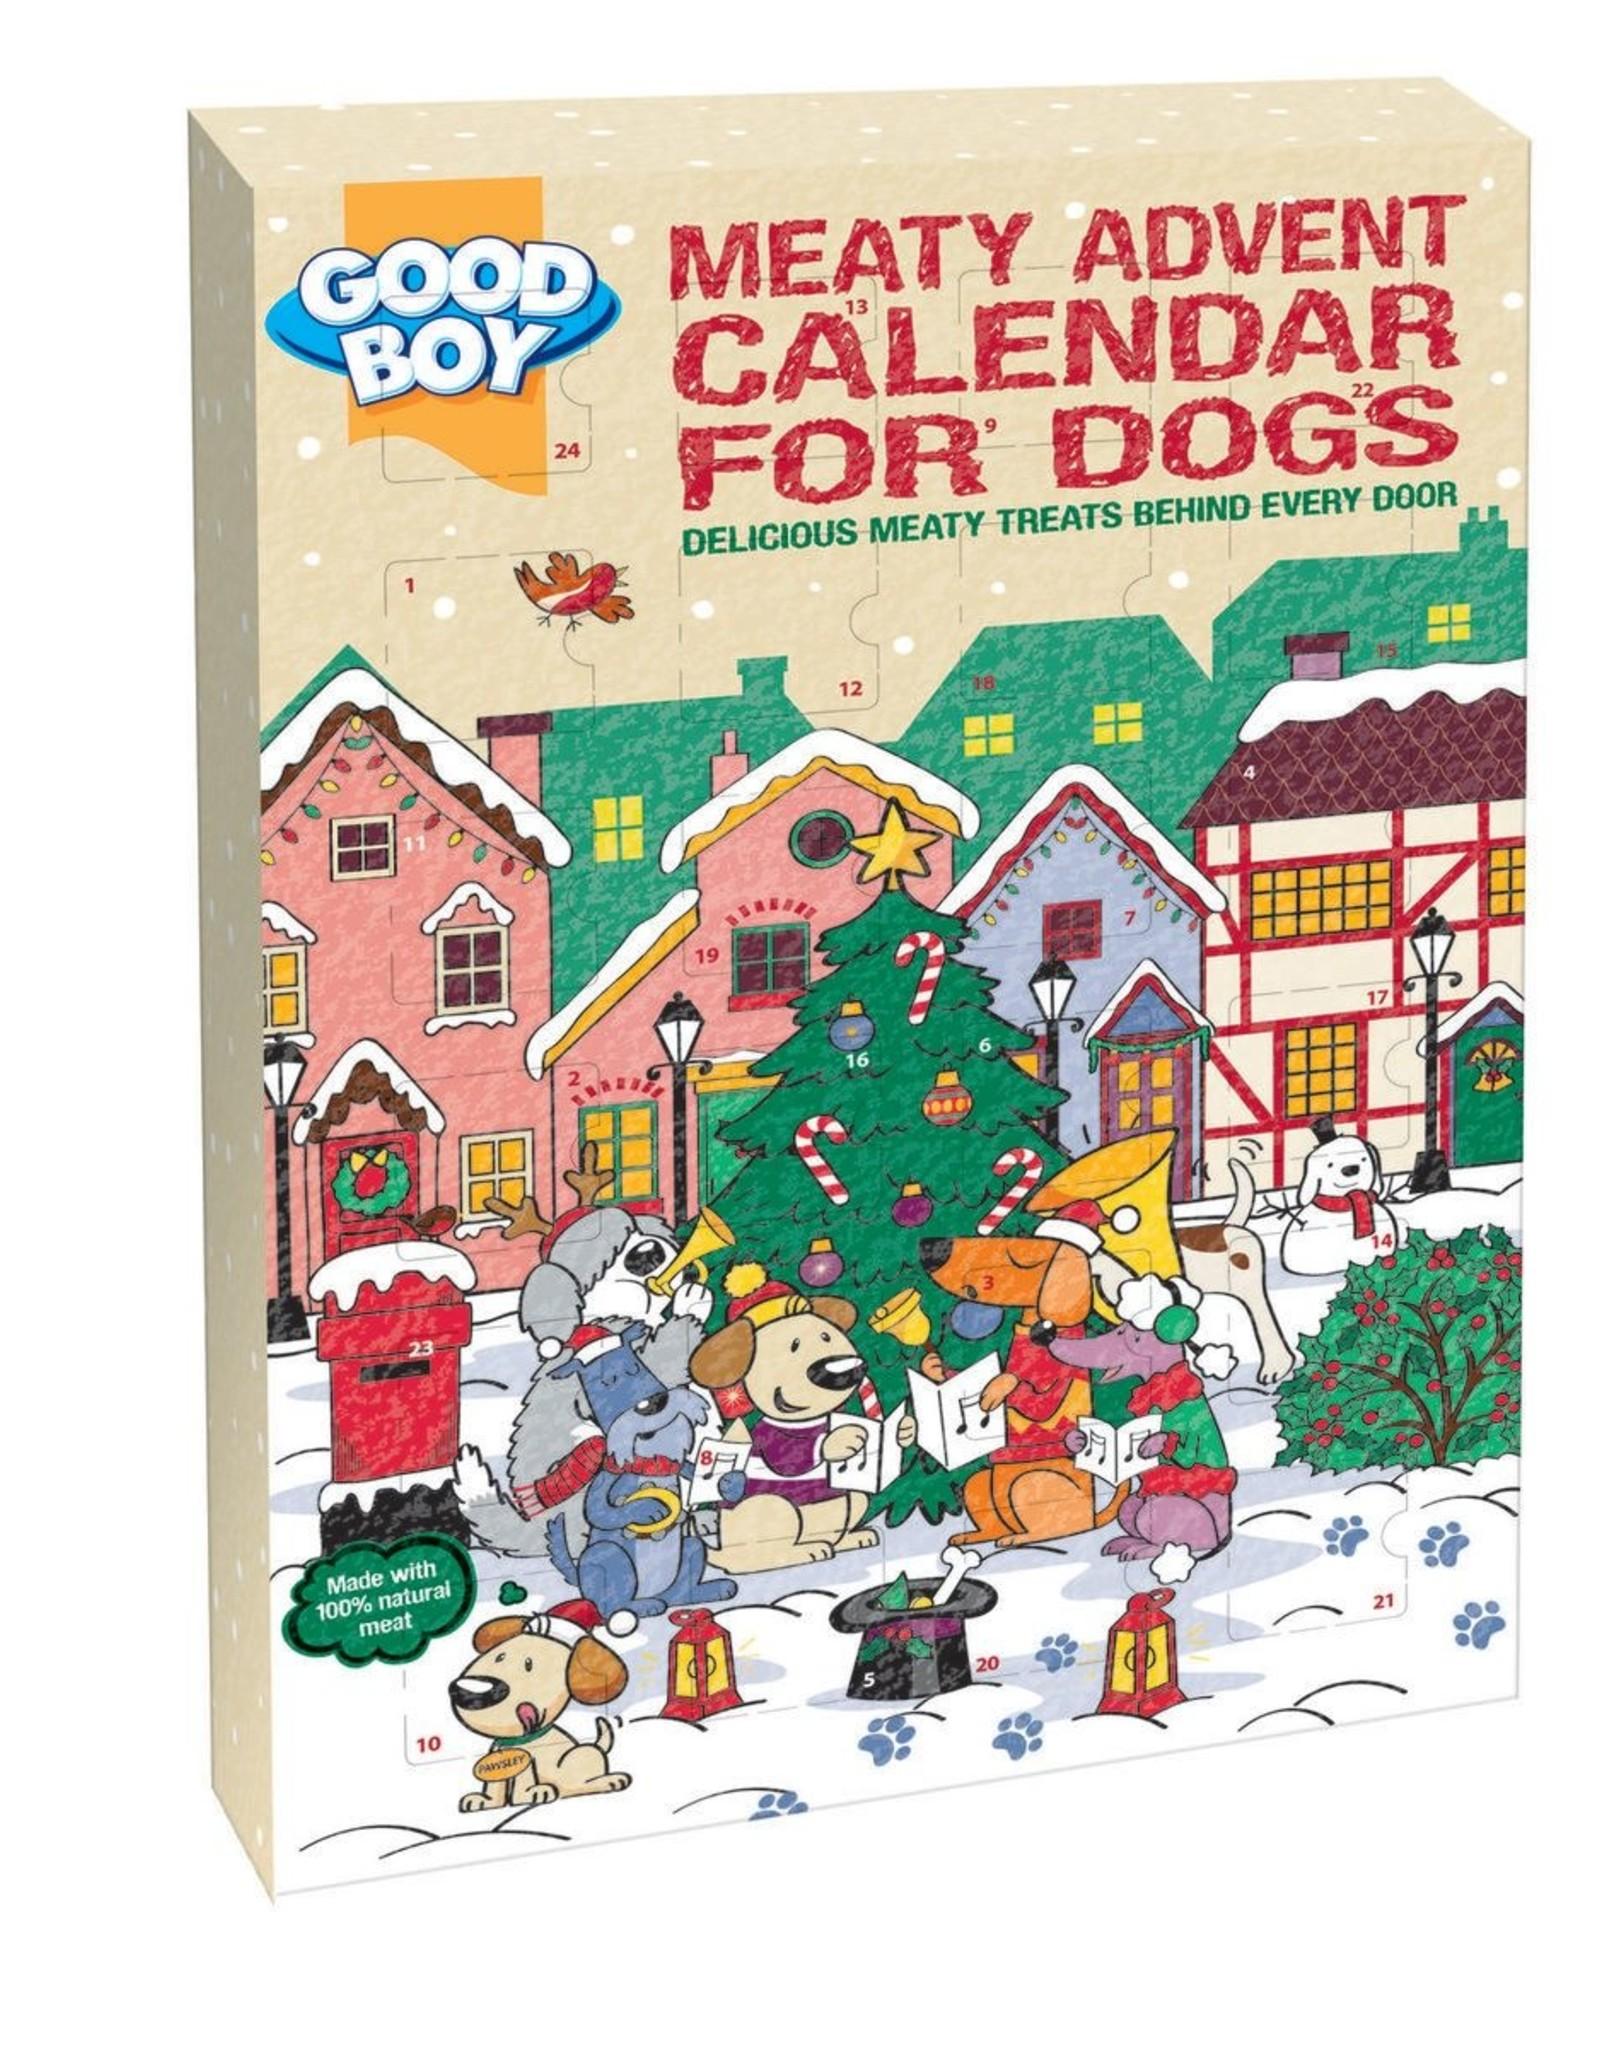 Good Boy Christmas Dog Meaty Treats Advent Calendar